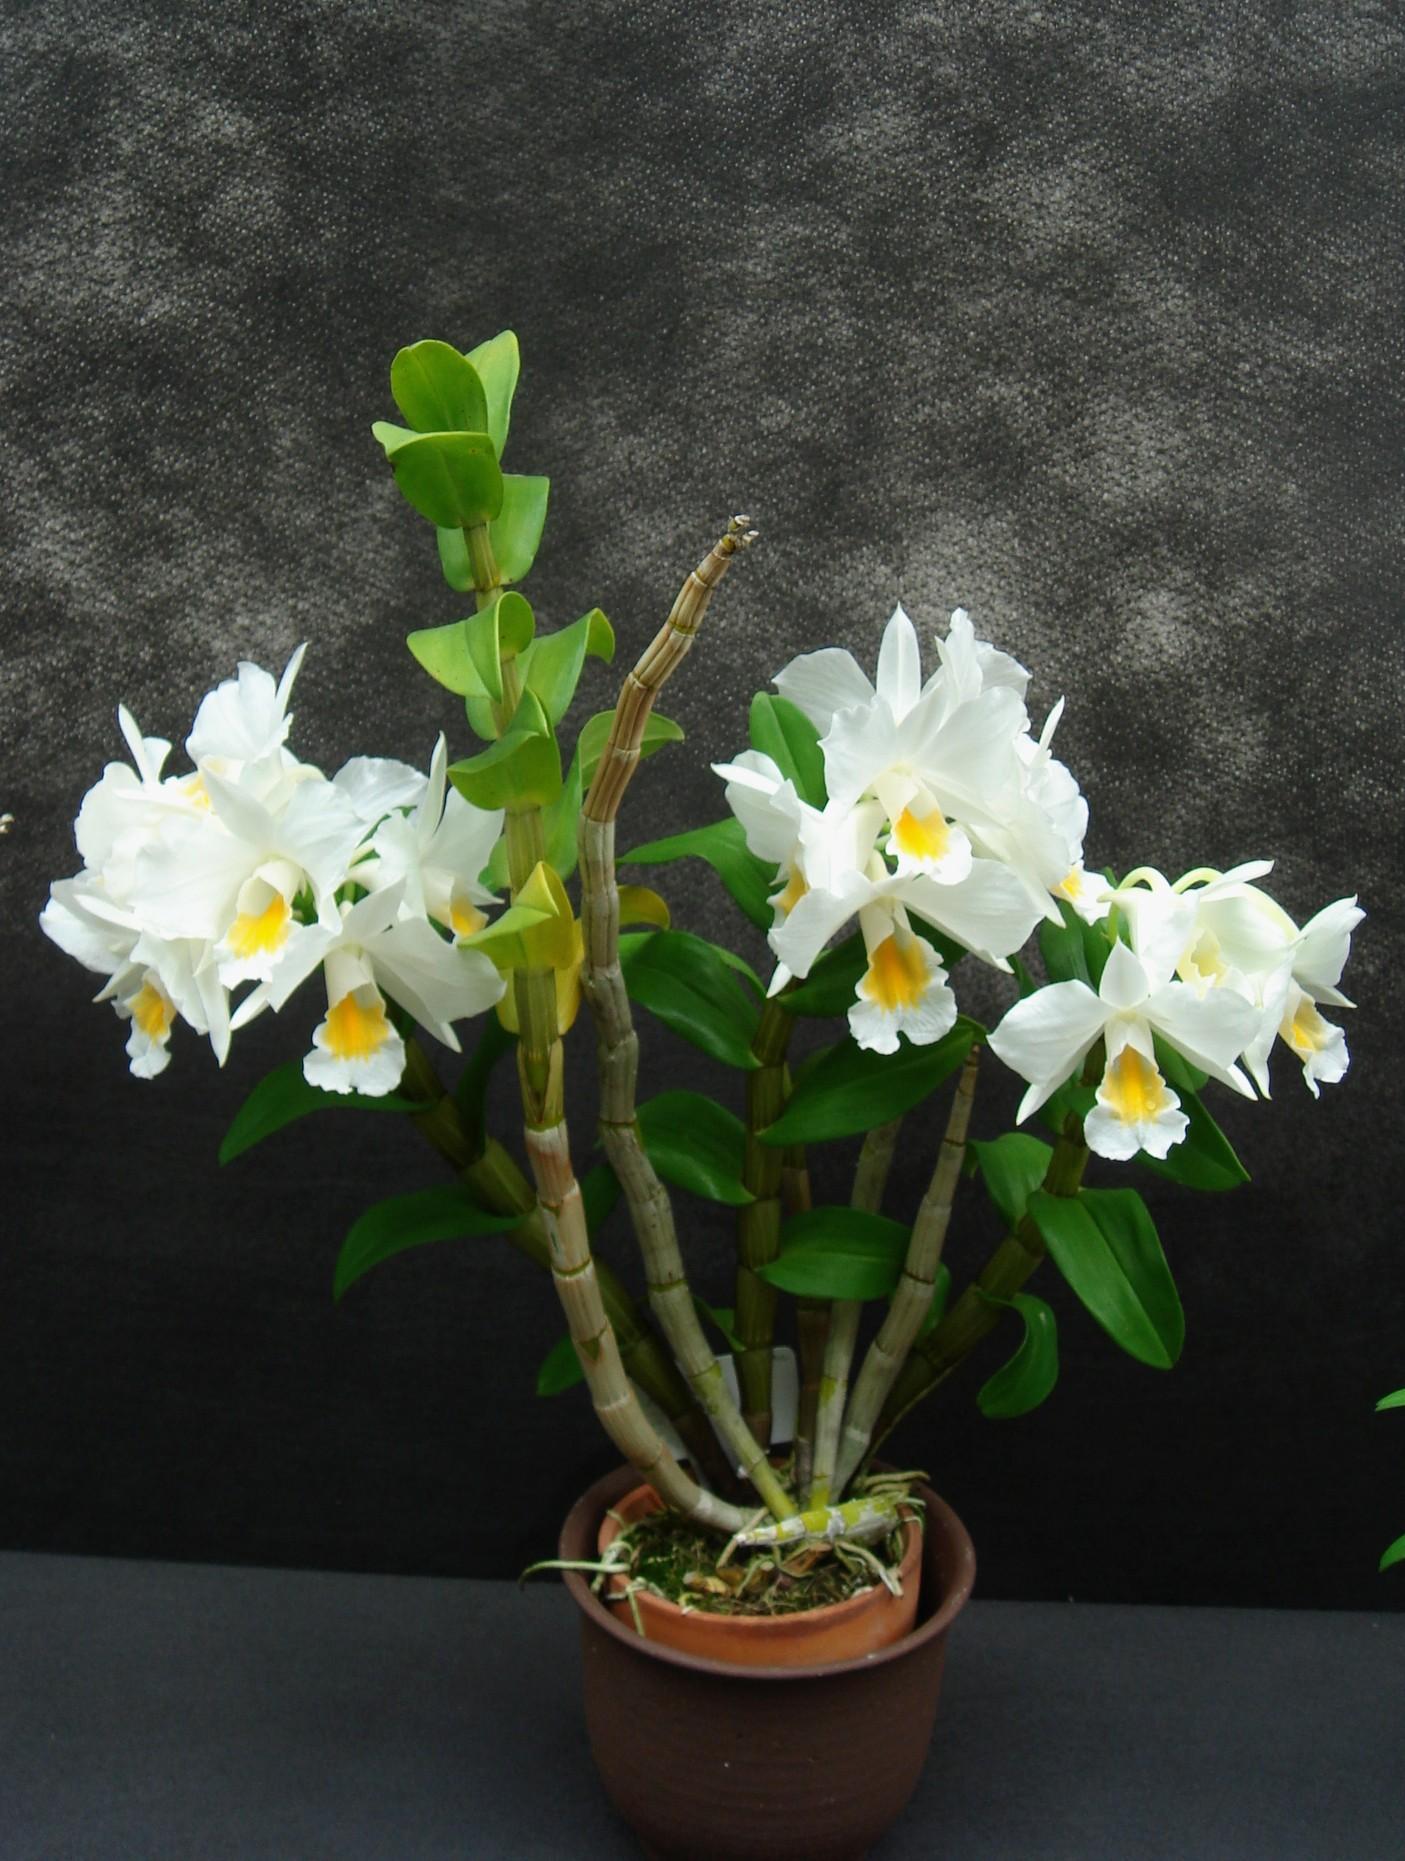 http://orchids.la.coocan.jp/Dendrobium/Dendrobium%20formosum/DSC00959.JPG